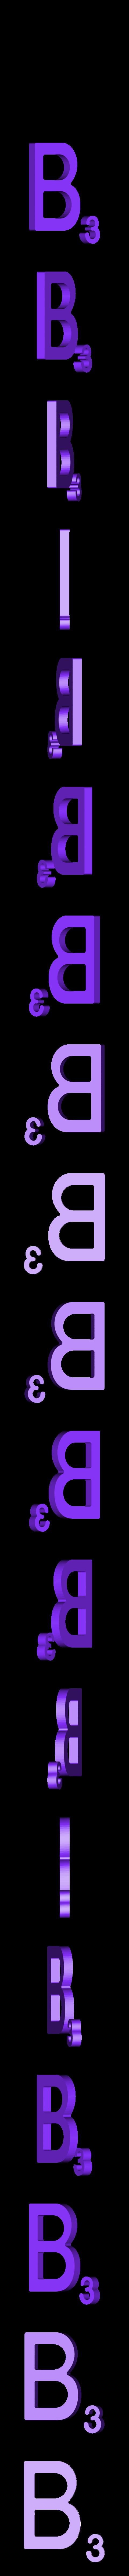 Dual_Letter_B.STL Télécharger fichier STL gratuit Pièces et support SCRABBBLE • Design pour imprimante 3D, Balkhagal4D